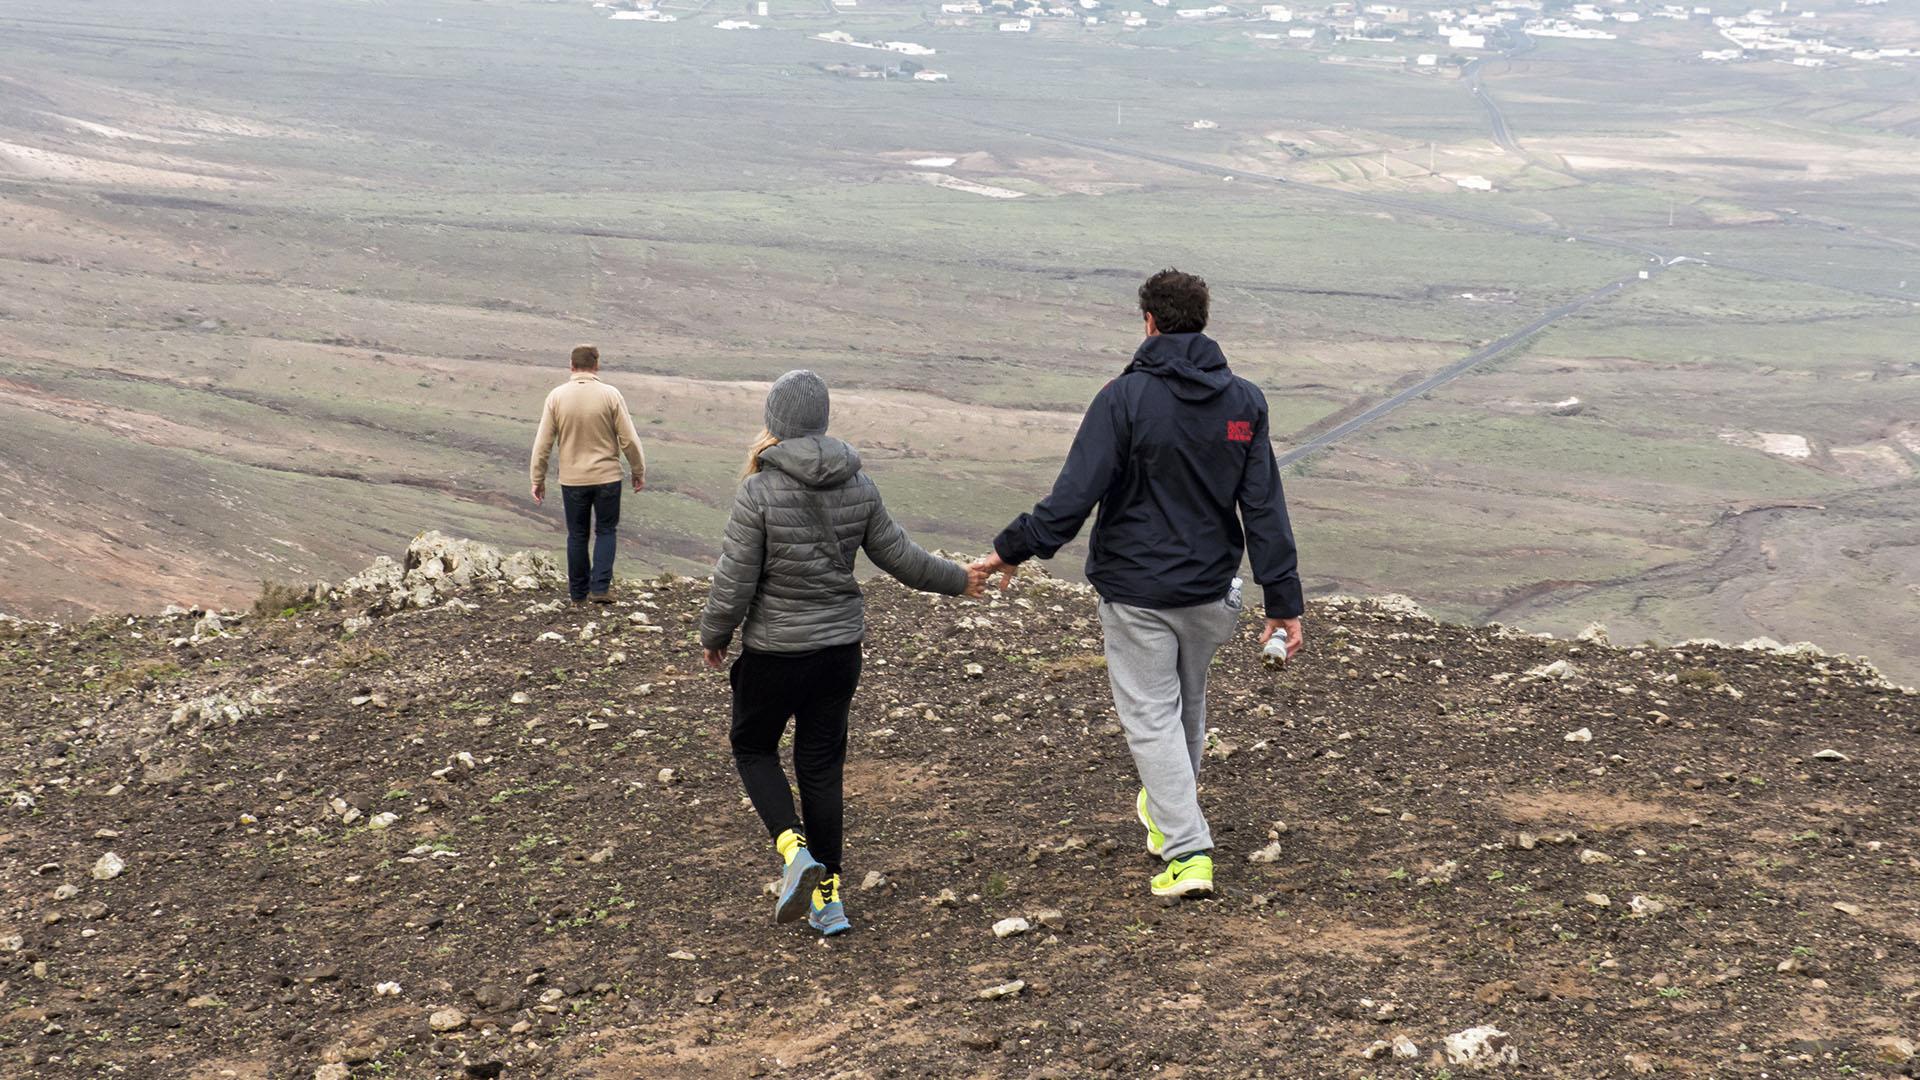 Wandern + Trekking auf Fuerteventura: Wintersonnwende am Montaña de Enmedio Montaña Tindaya.